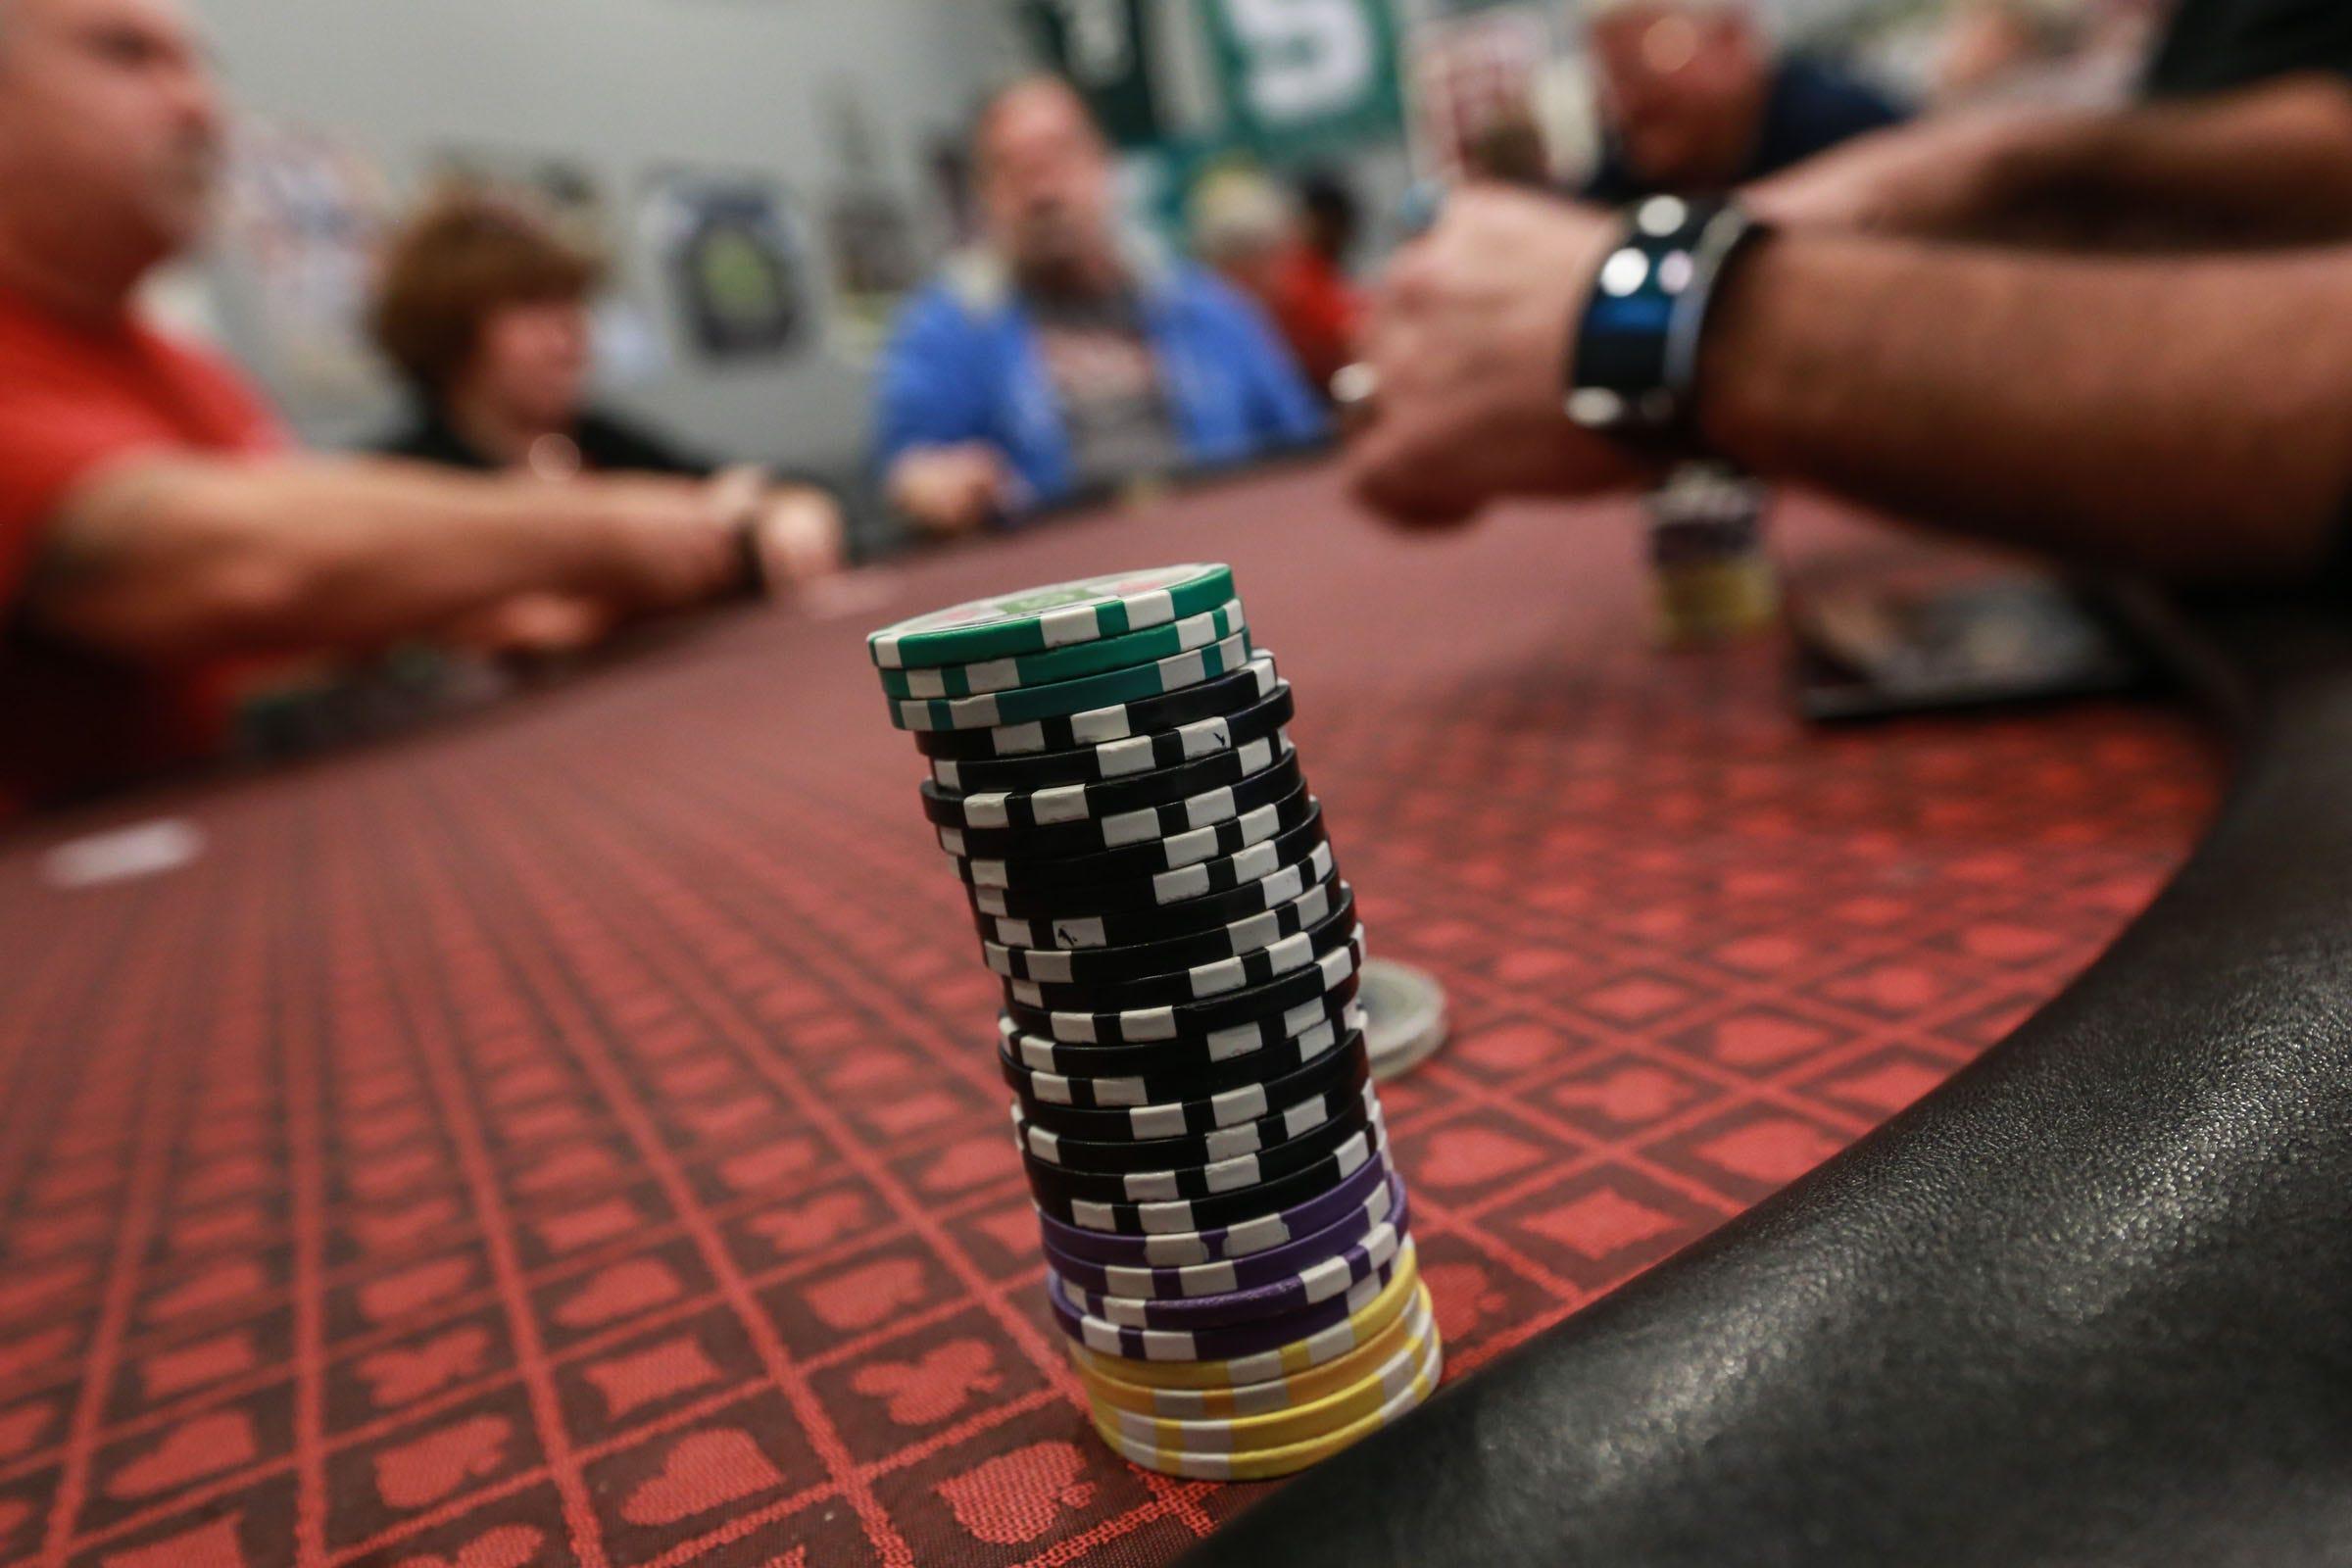 Rg gambling gambling laws